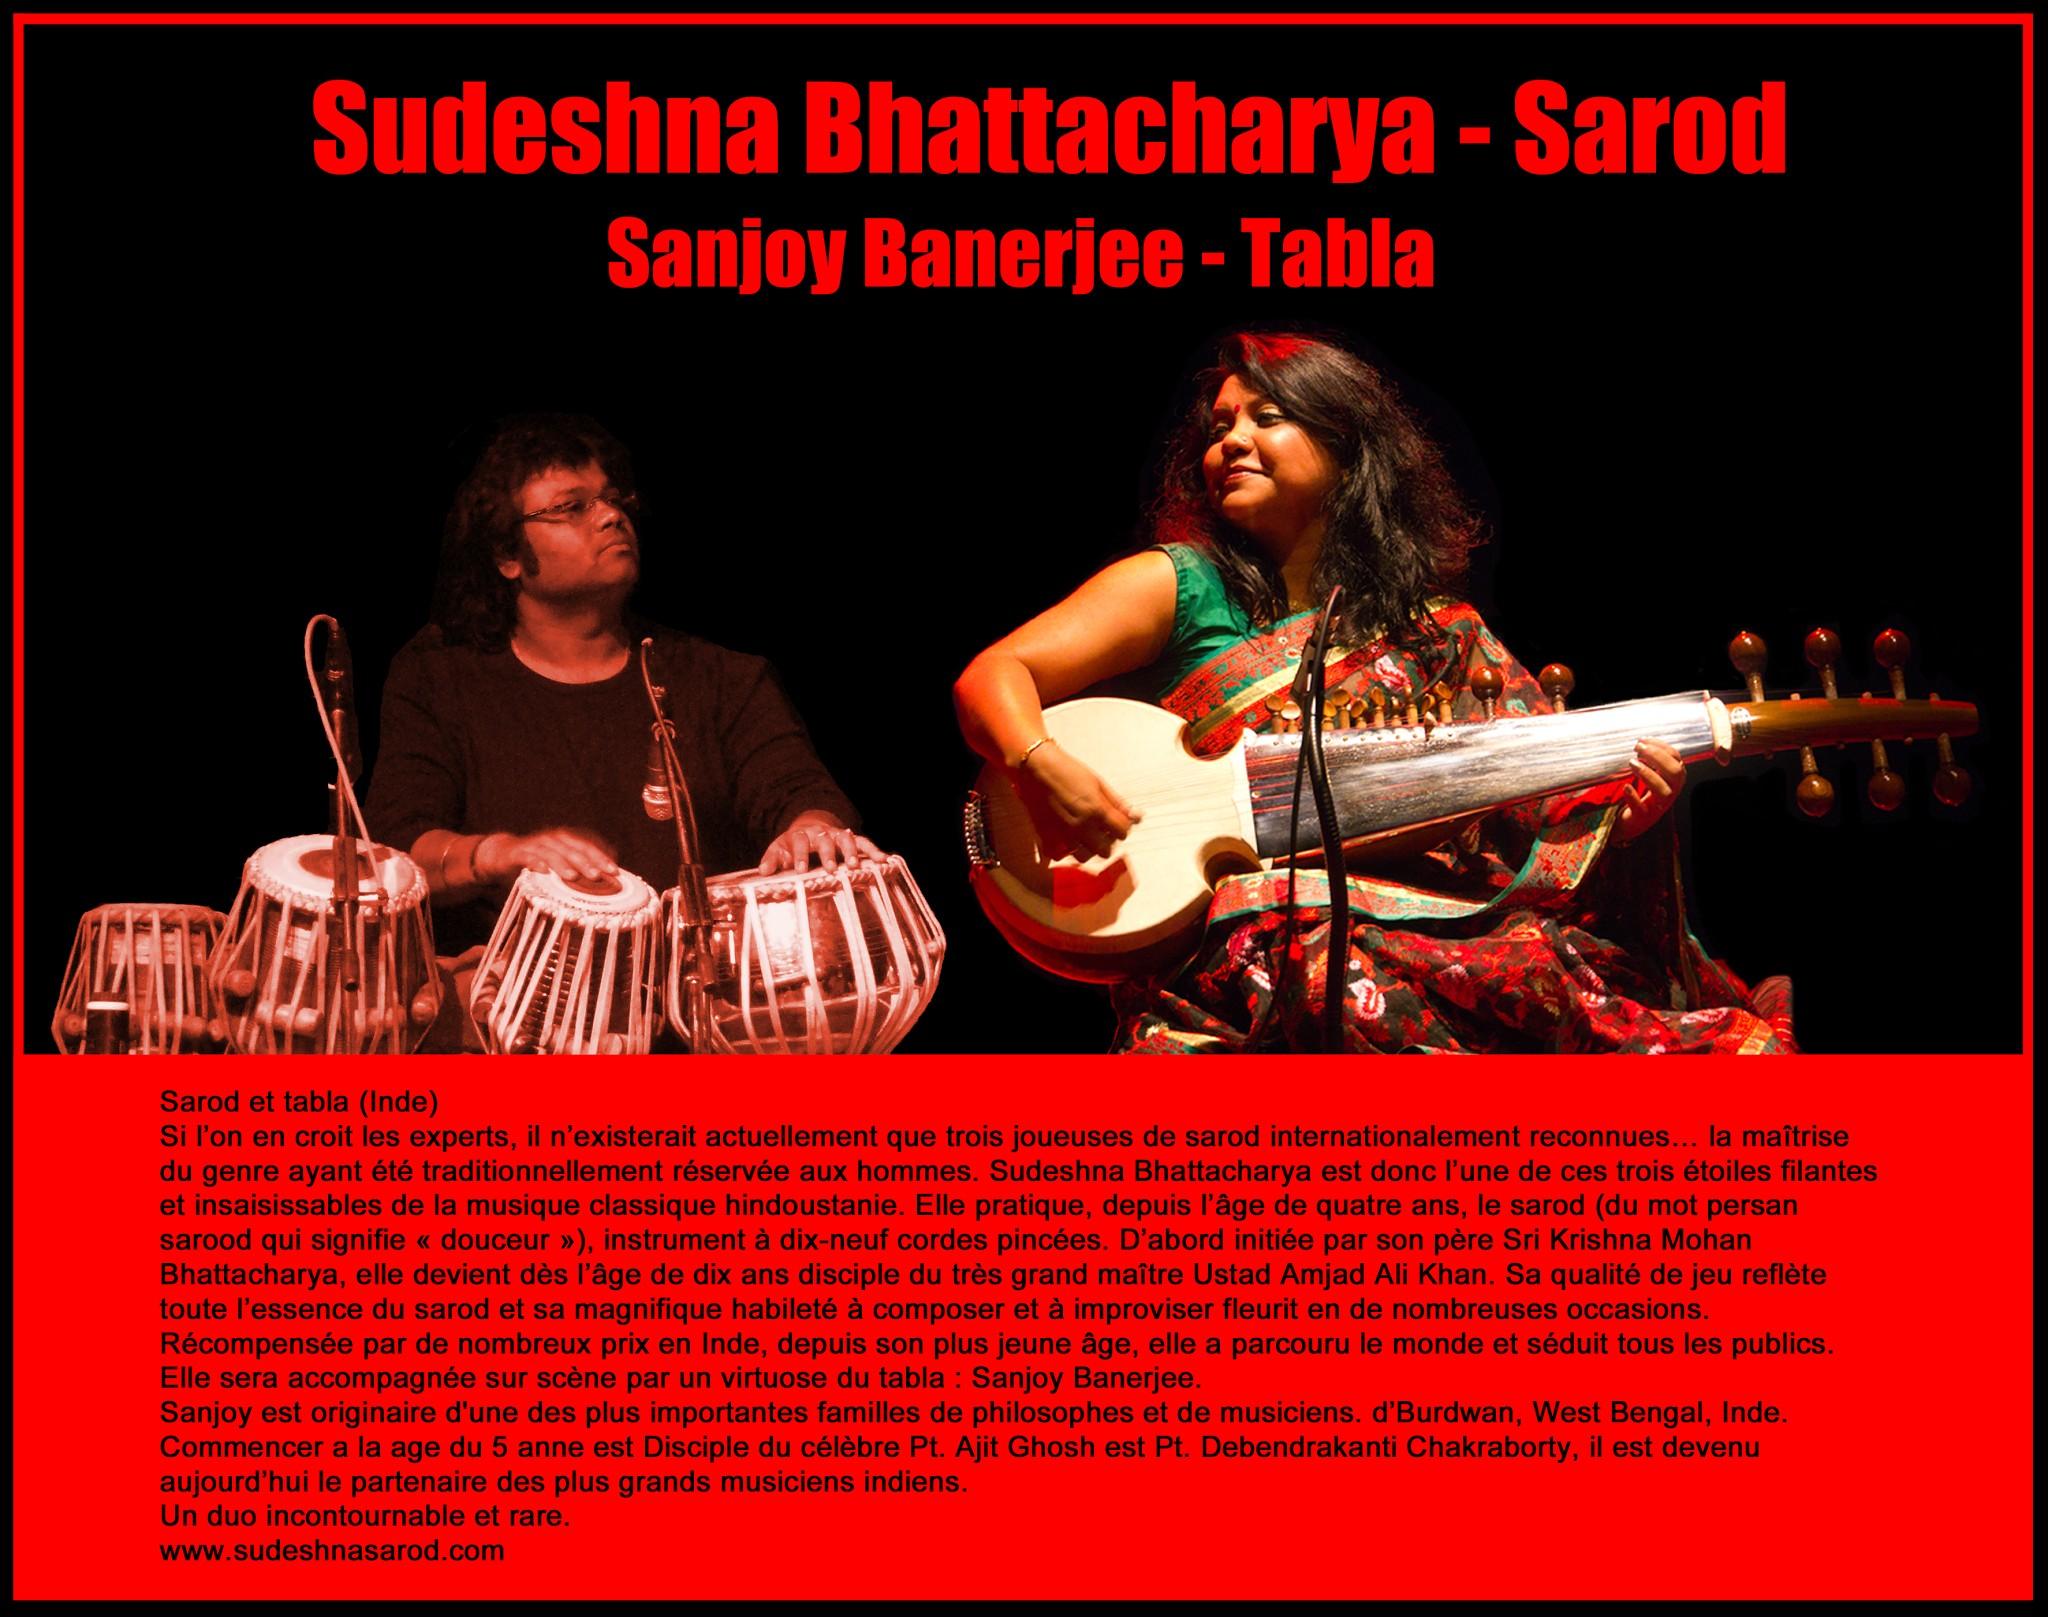 Photo: Sudeshna Bhattacharya - Sarod - sabART